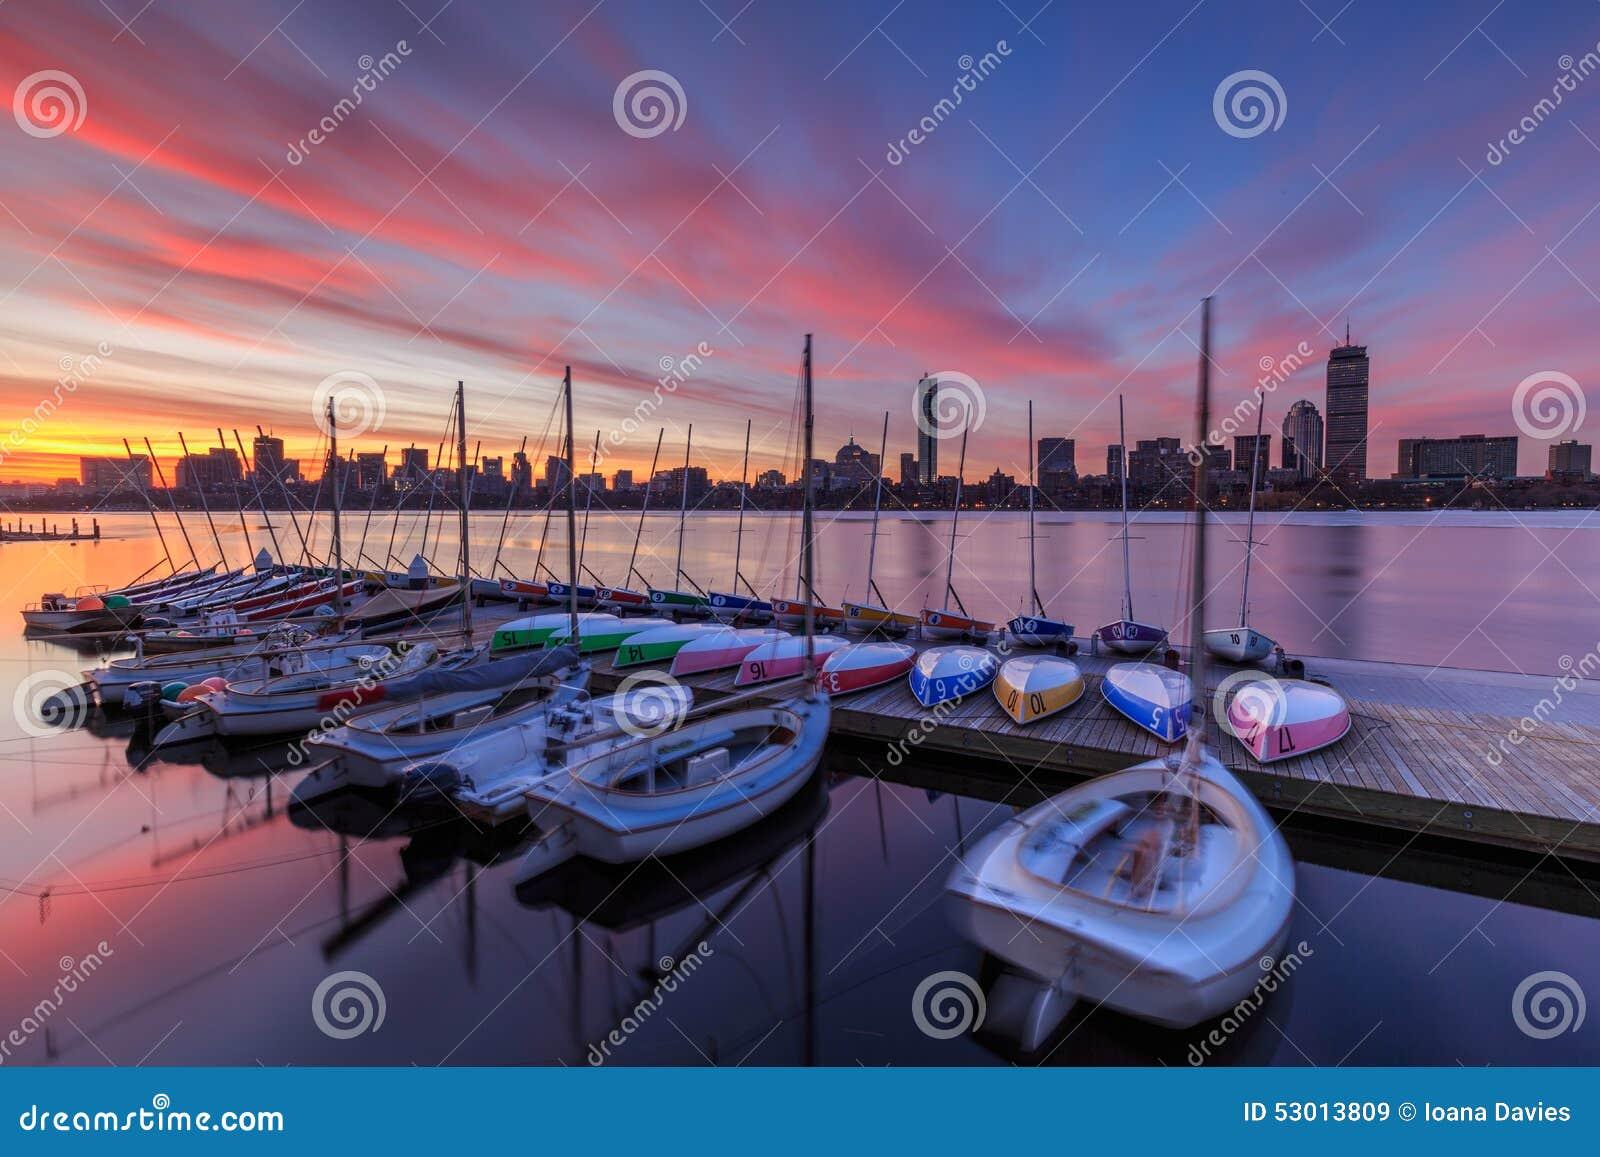 Boston dawn skyline